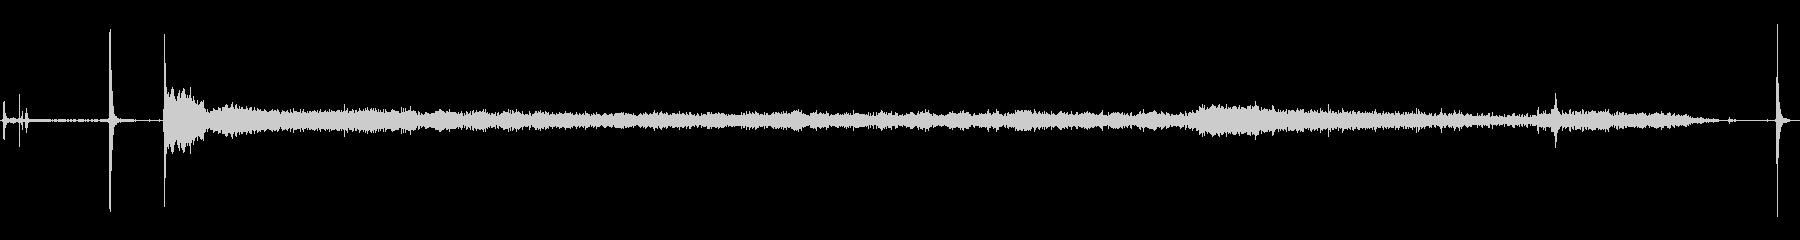 ディーゼルトラック:エクステリア、...の未再生の波形